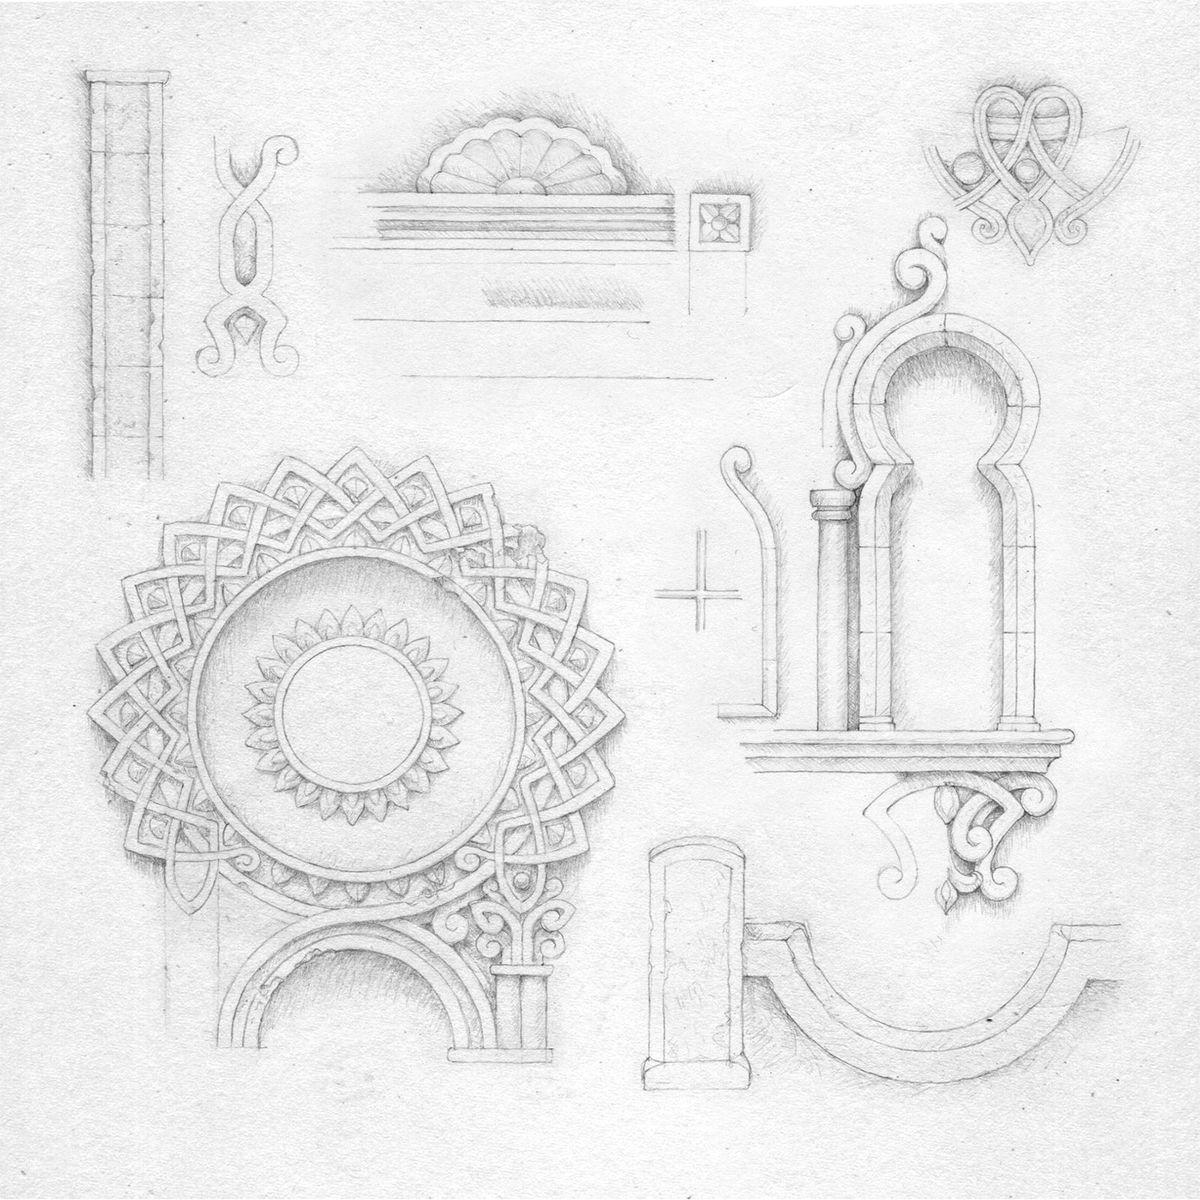 Gorogoa early sketches